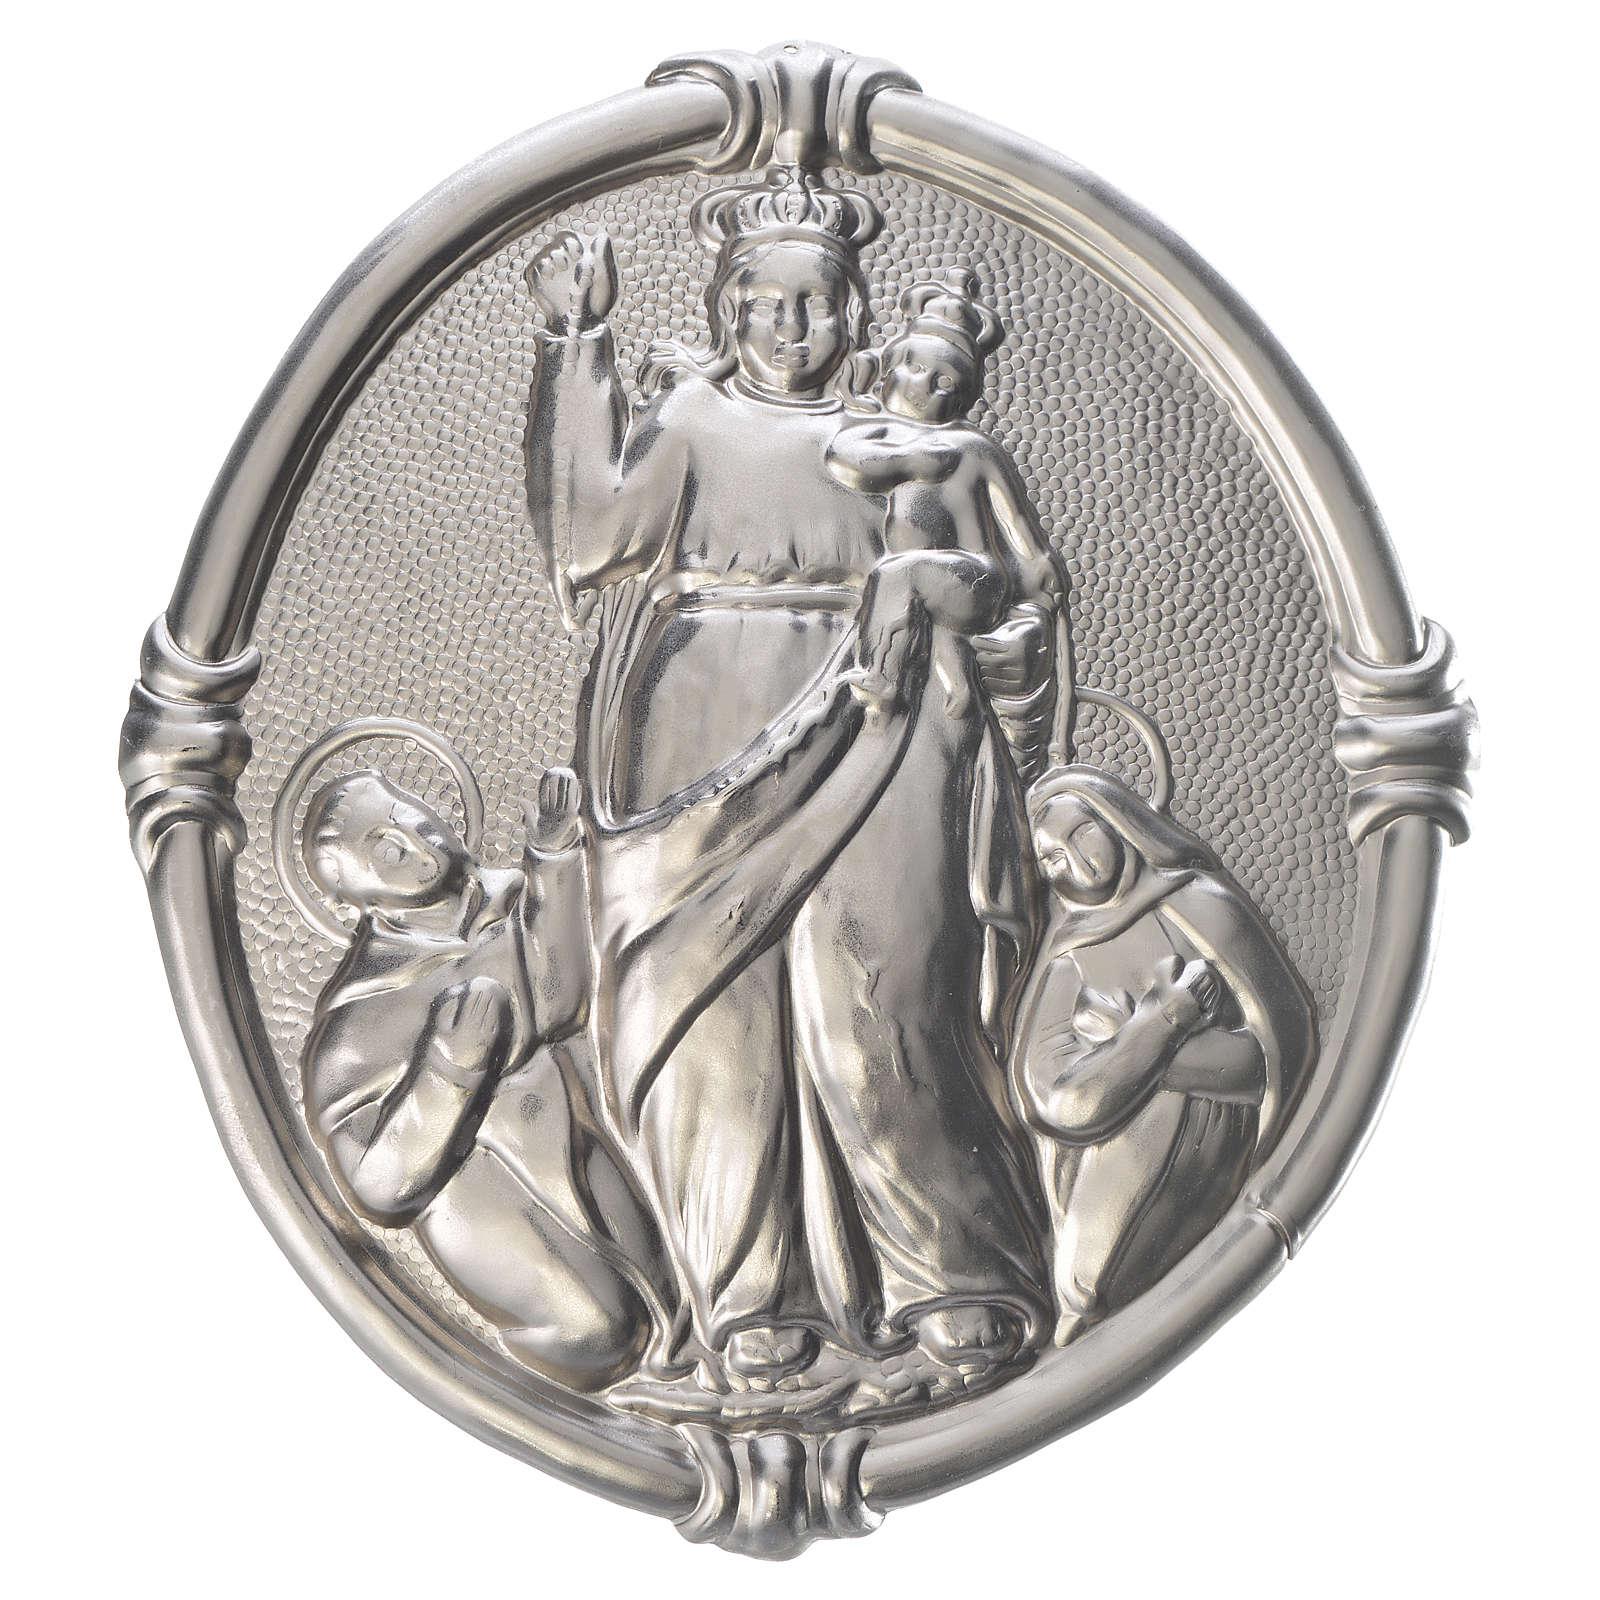 Medalla cofradía Virgen de Pompeya metal 3